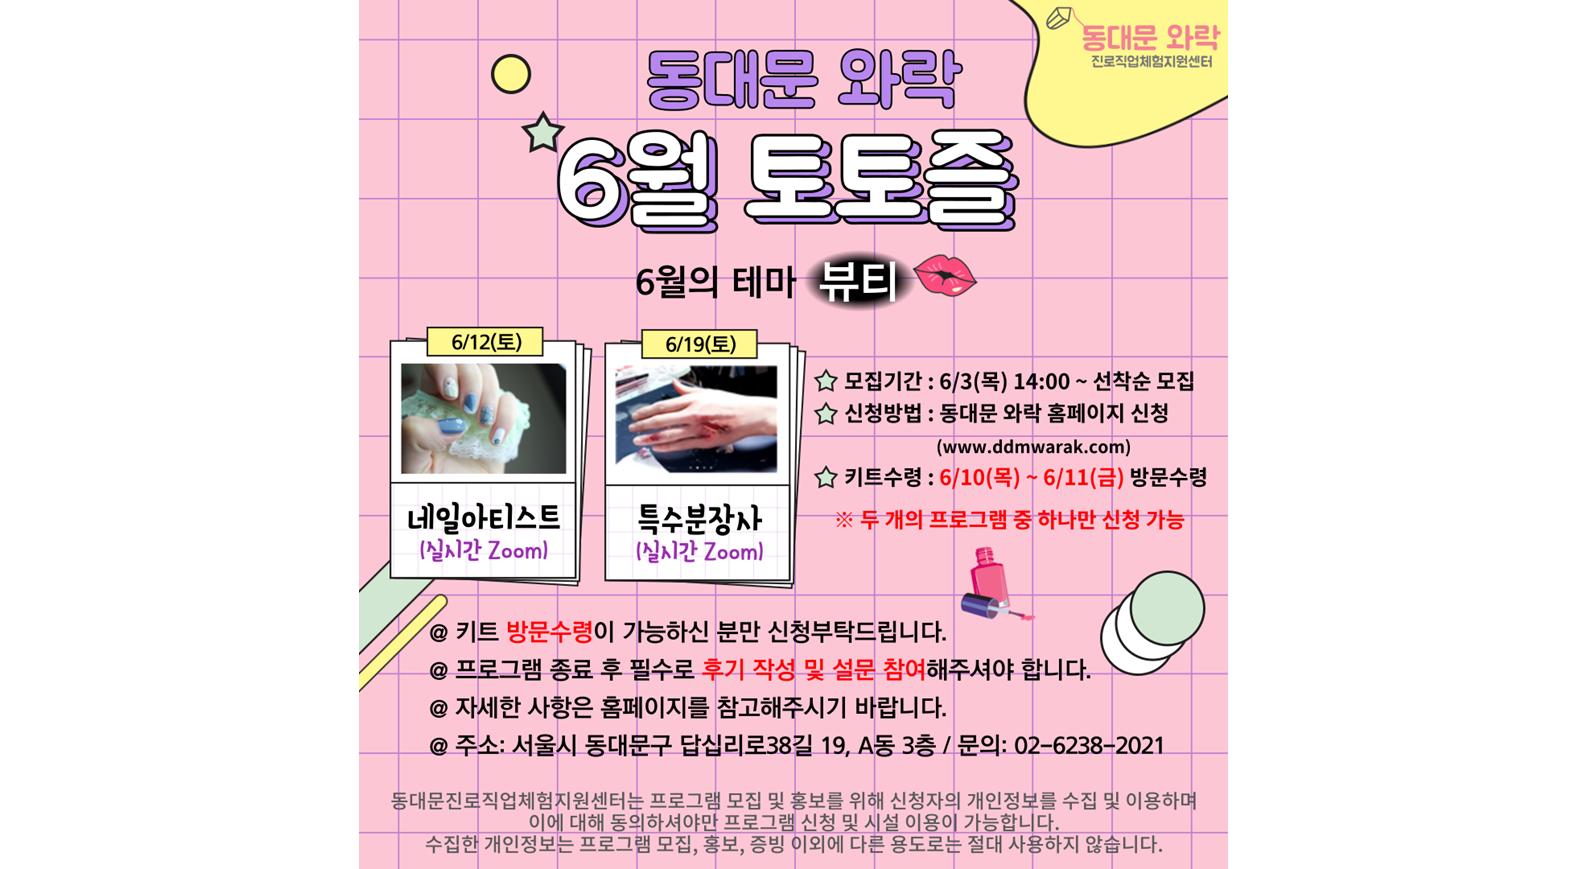 [종료] 6월 토토즐 - 네일아티스트&특수분장사 (중복신청불가)